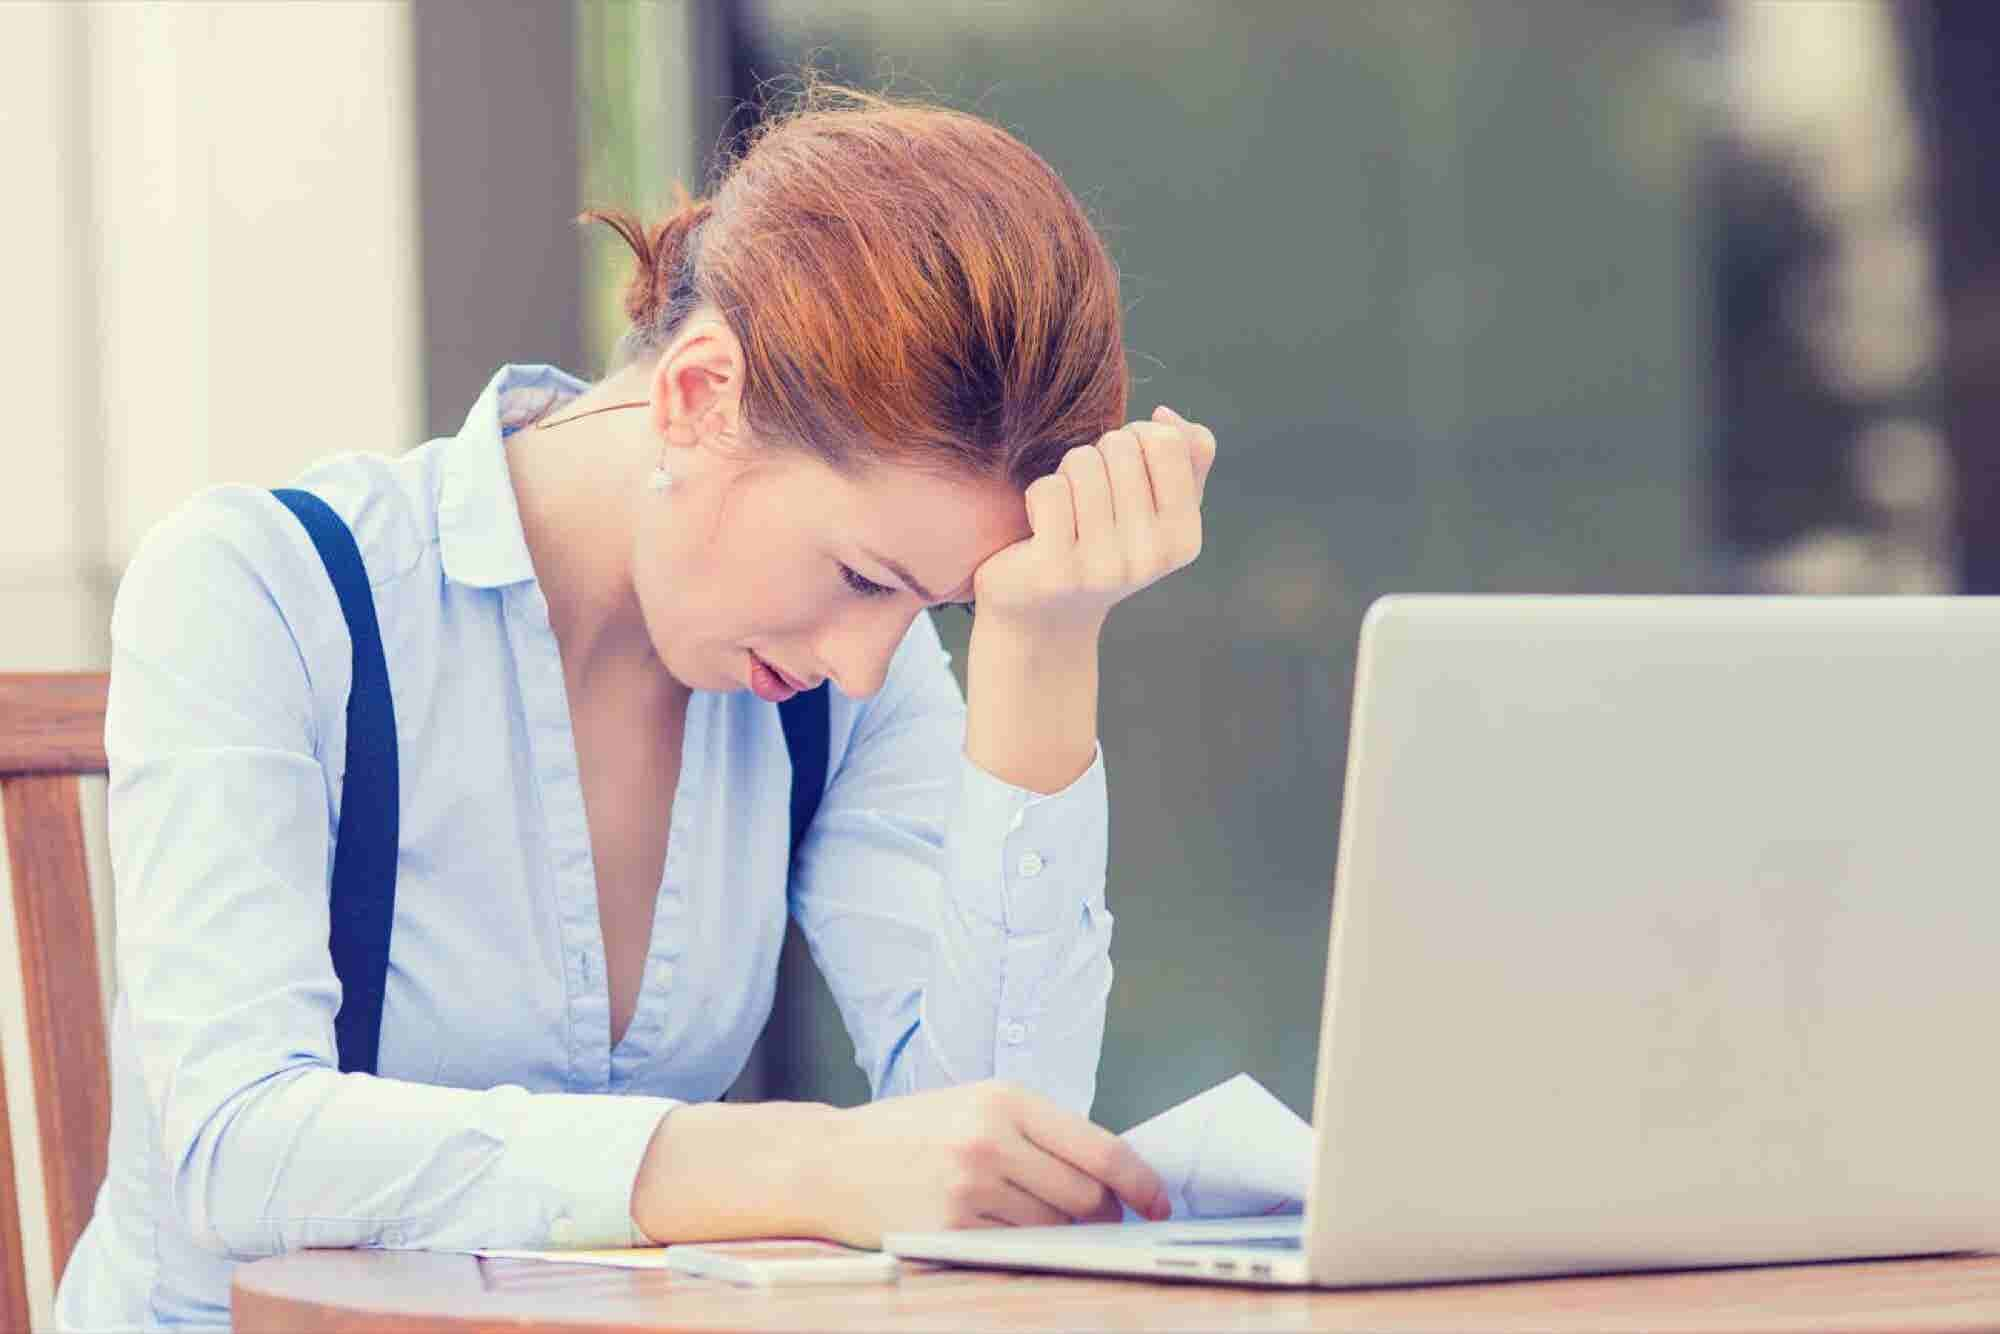 10 horribles hábitos que estás haciendo ahora mismo y que drenan tu energía